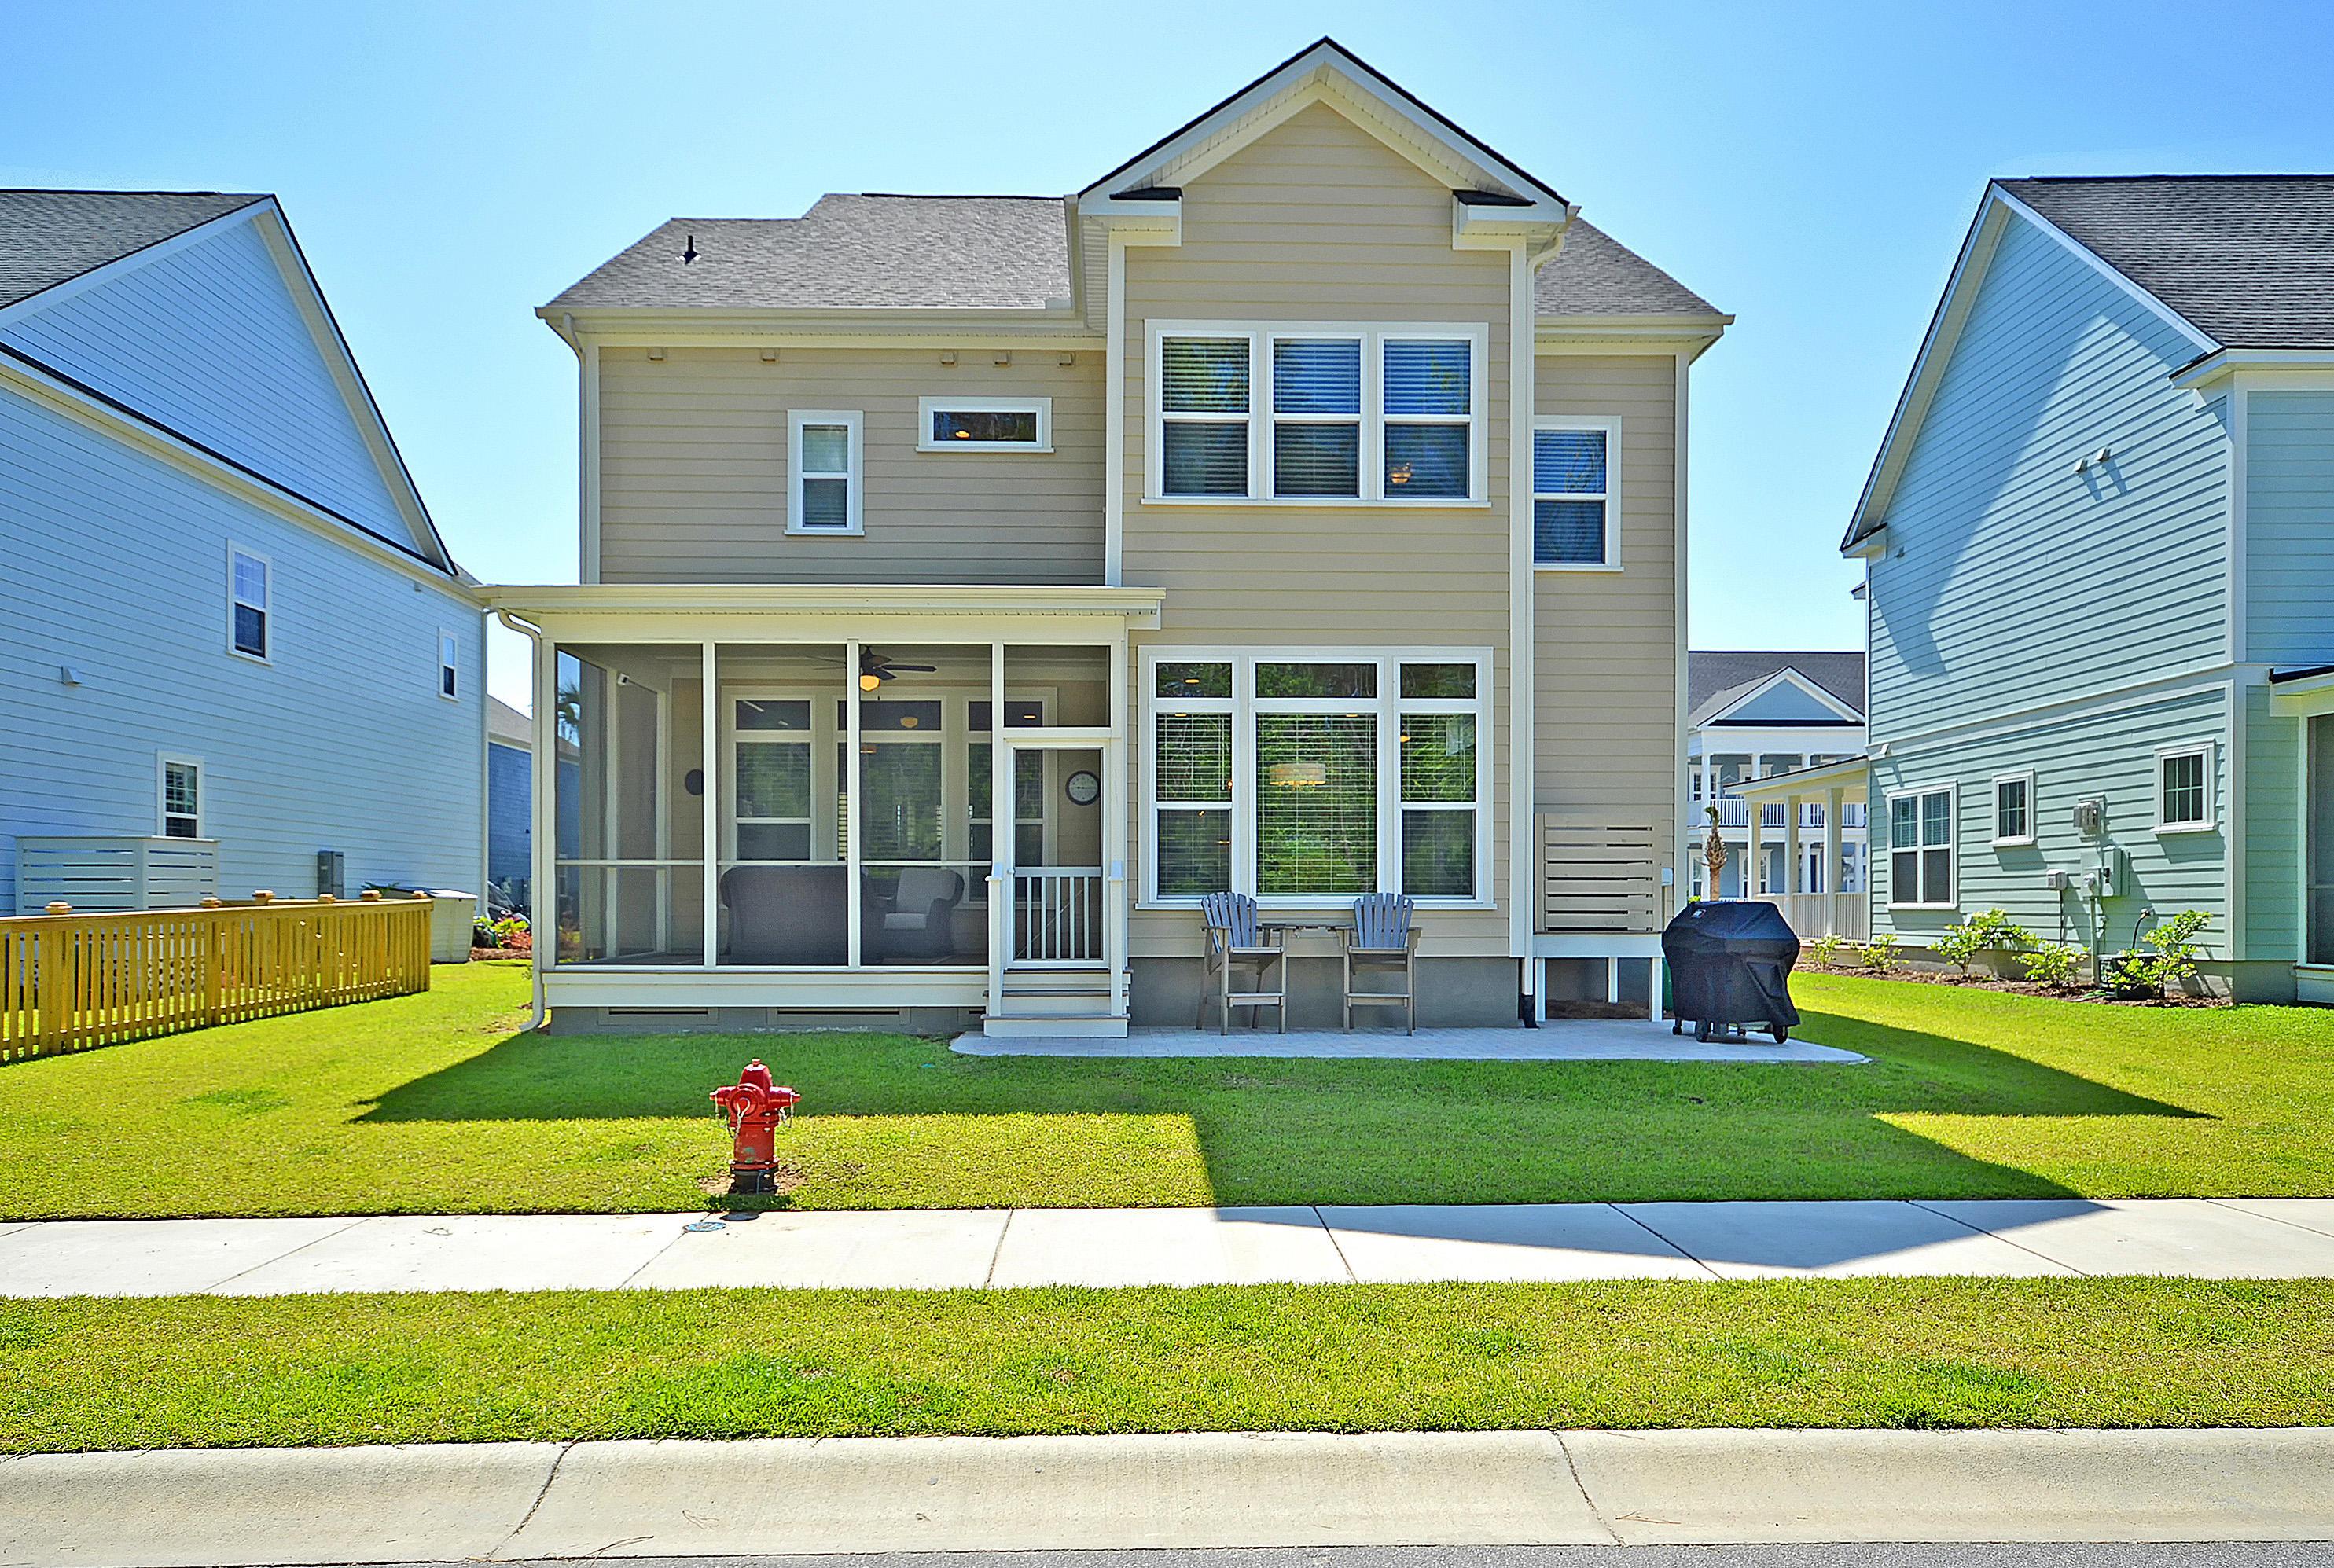 Dunes West Homes For Sale - 2927 Eddy, Mount Pleasant, SC - 5